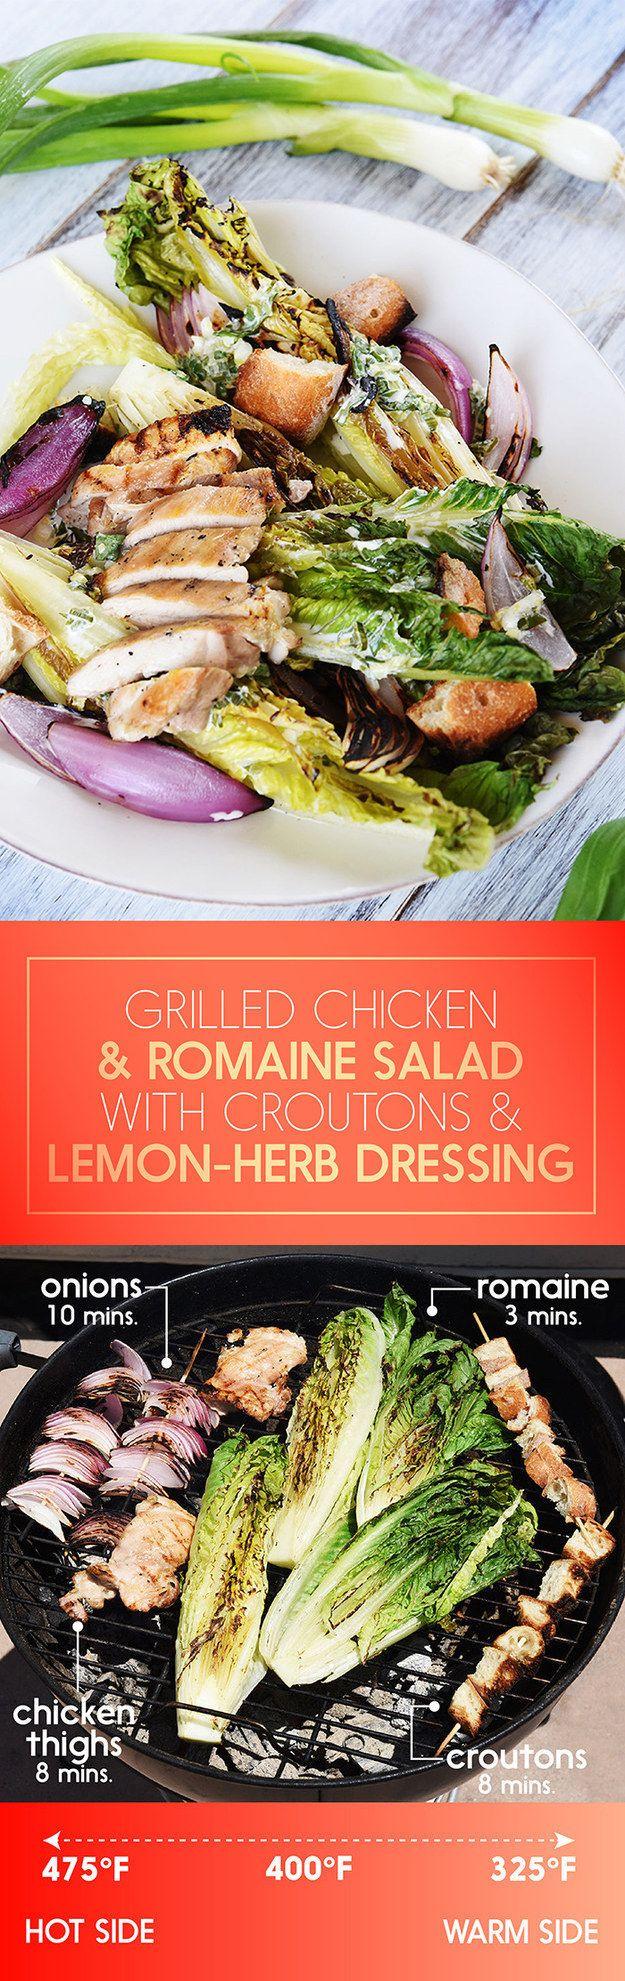 Pollo alla griglia e Romaine Insalata con crostini di pane e limone-basilico Dressing